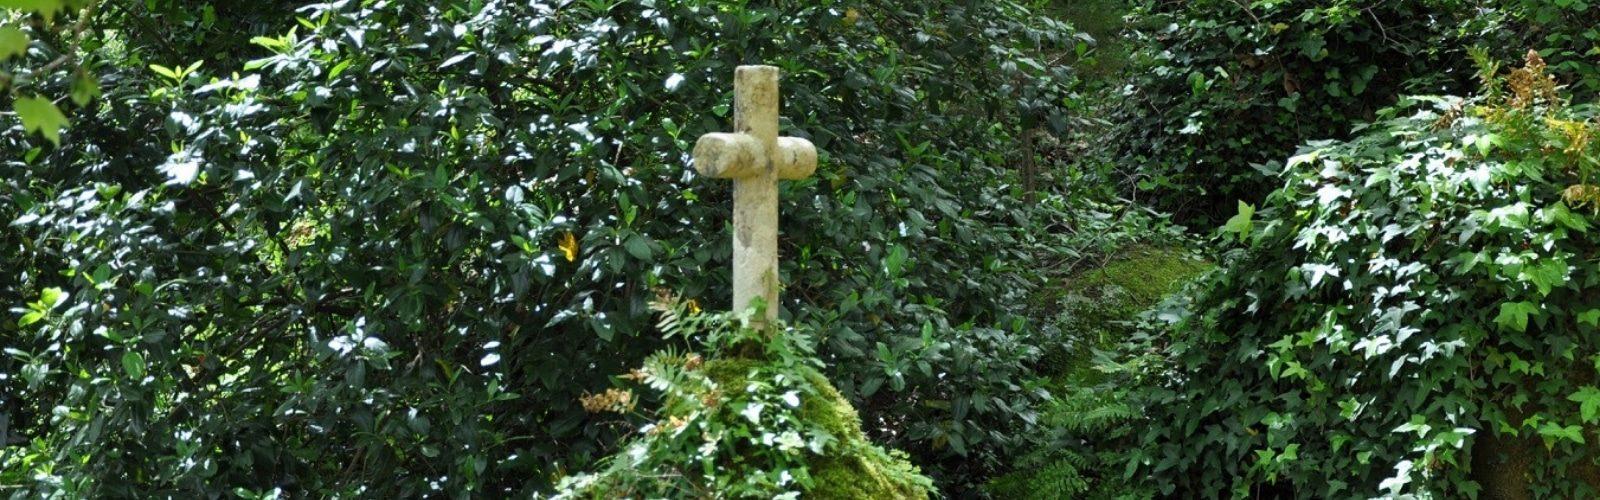 croix dans la forêt